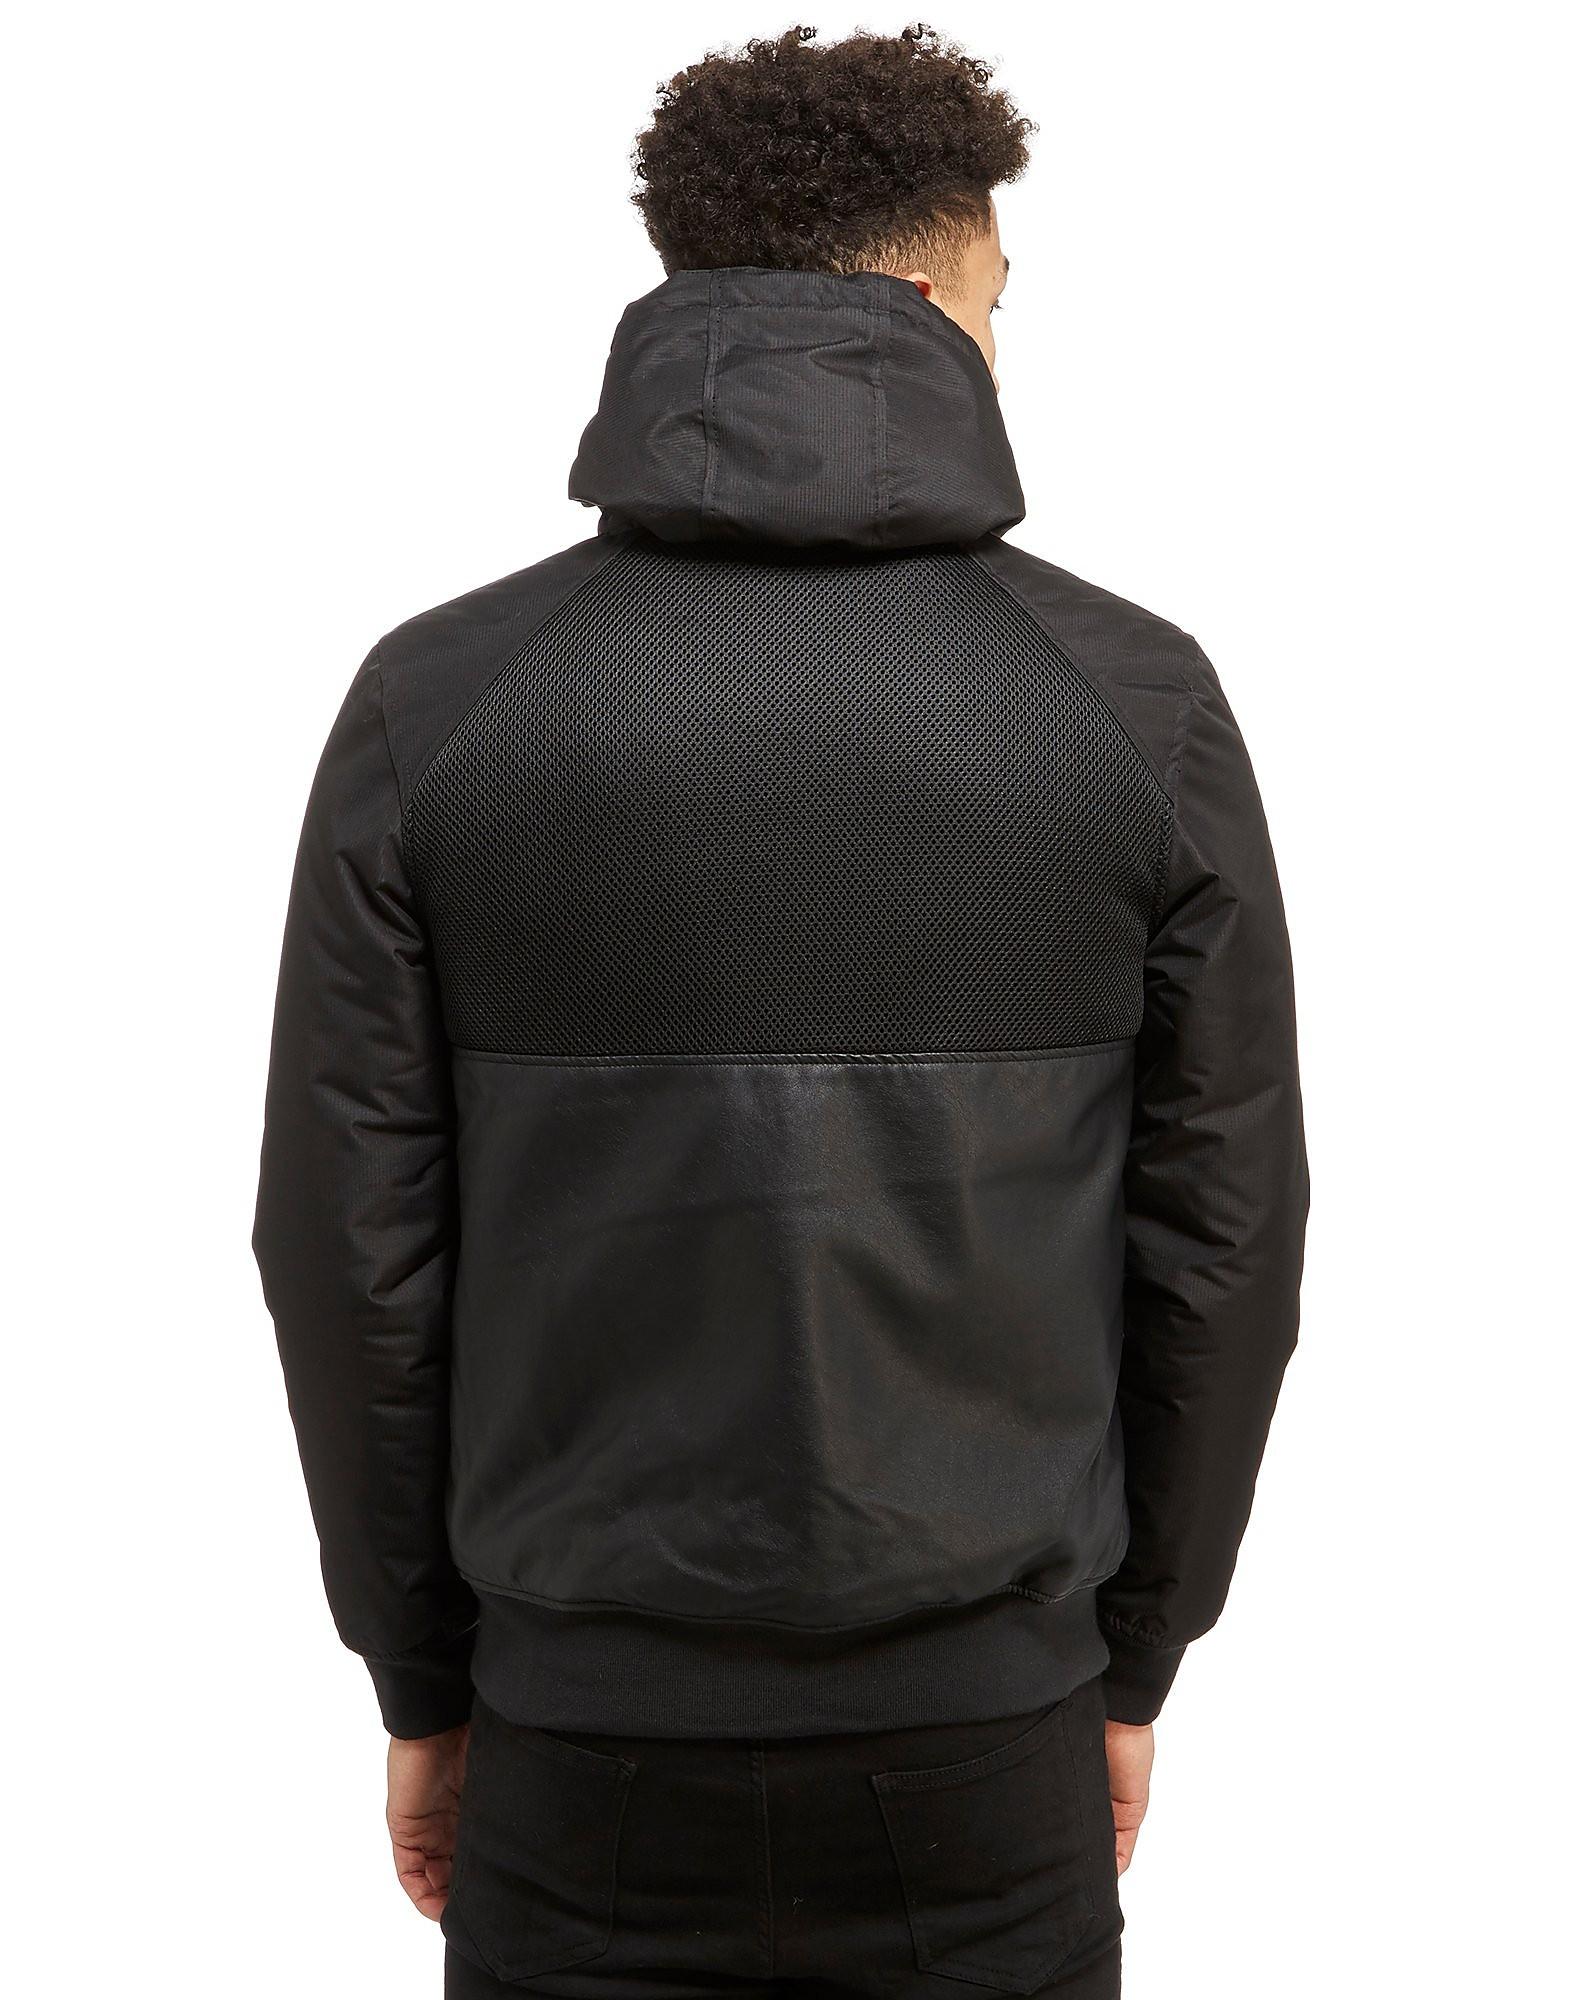 Supply & Demand Lazaro Jacket